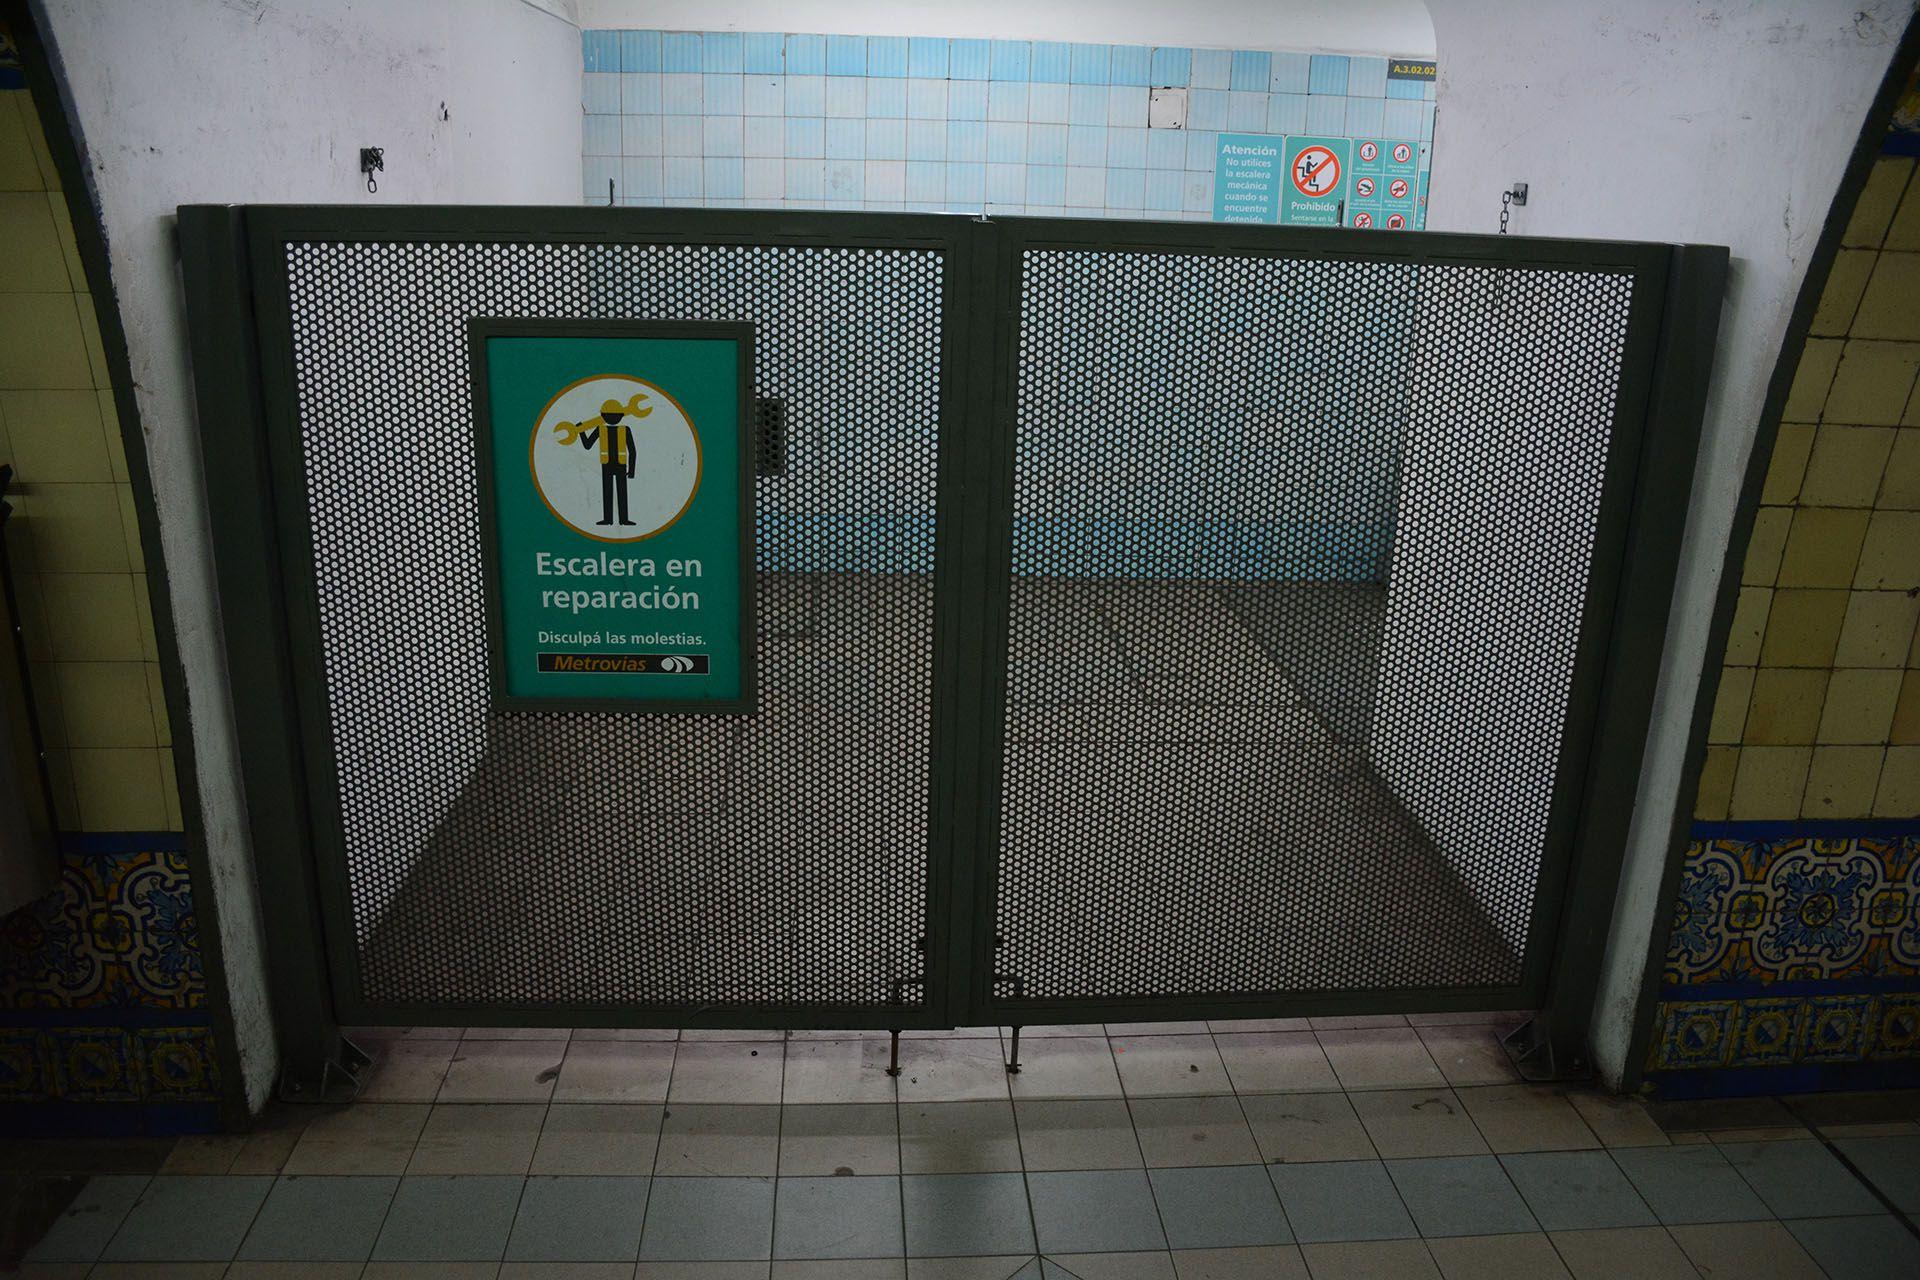 La empresa Metrovías advirtió que sancionaría a los empleados que impidan el normal funcionamiento del subte